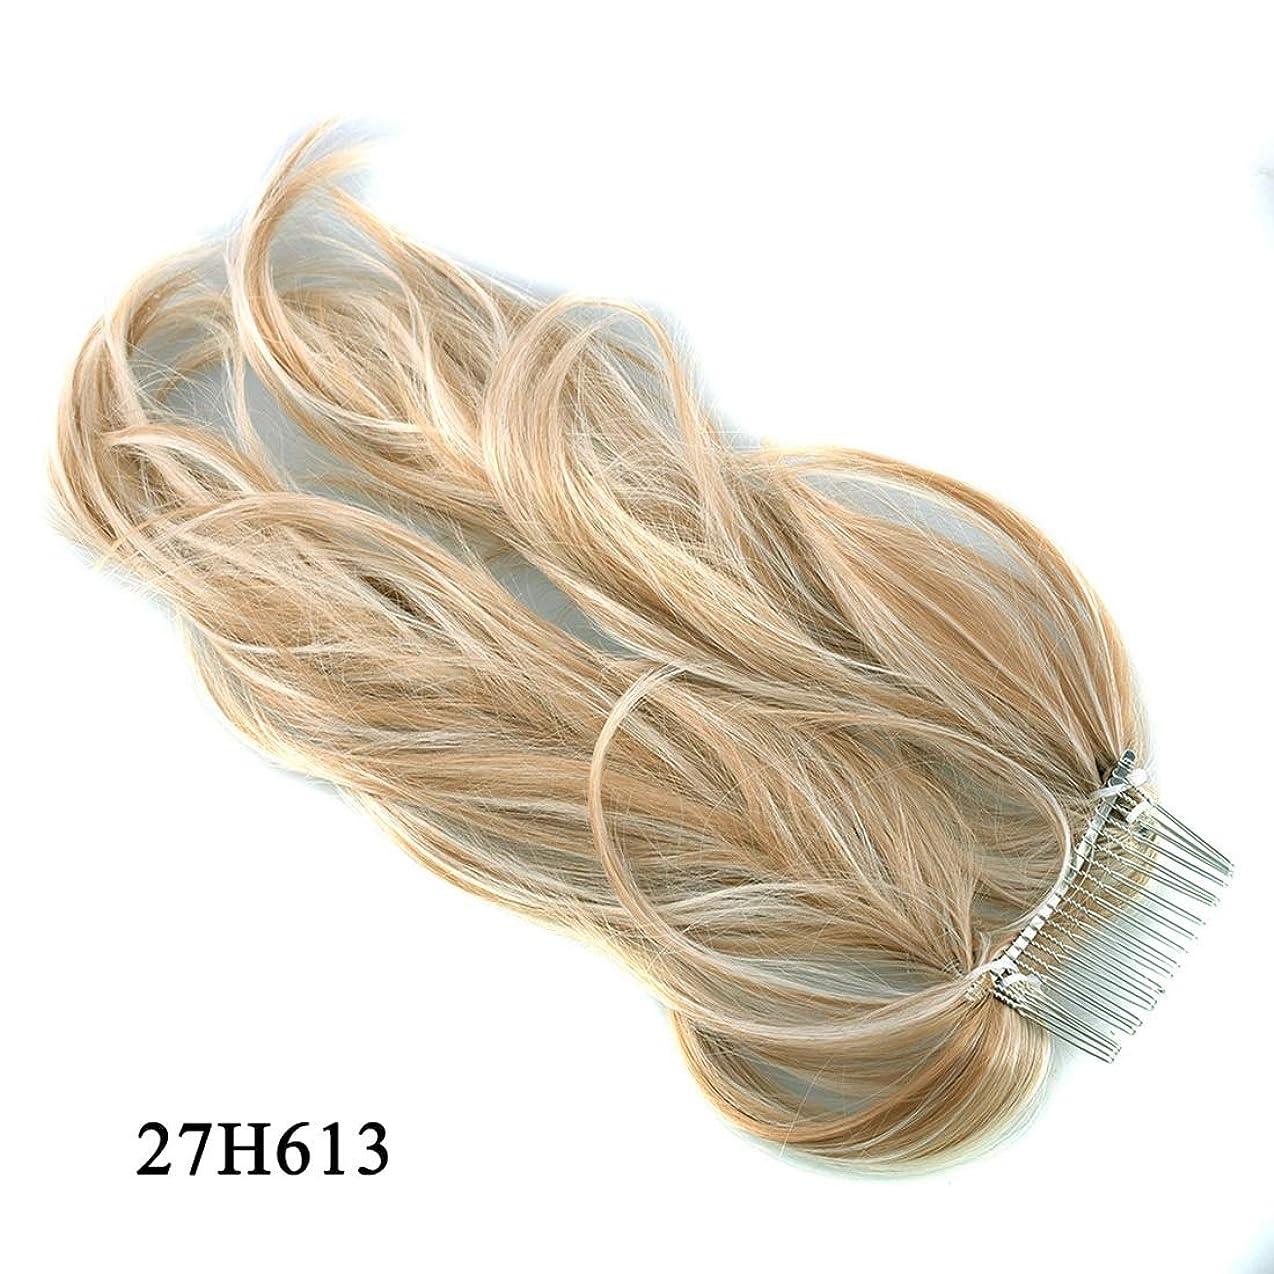 黙認するとらえどころのないしなやかなJIANFU かつらヘアリング様々な柔軟なポニーテールメタルプラグコムポニーテール化学繊維ヘアエクステンションピース (Color : 27H613)